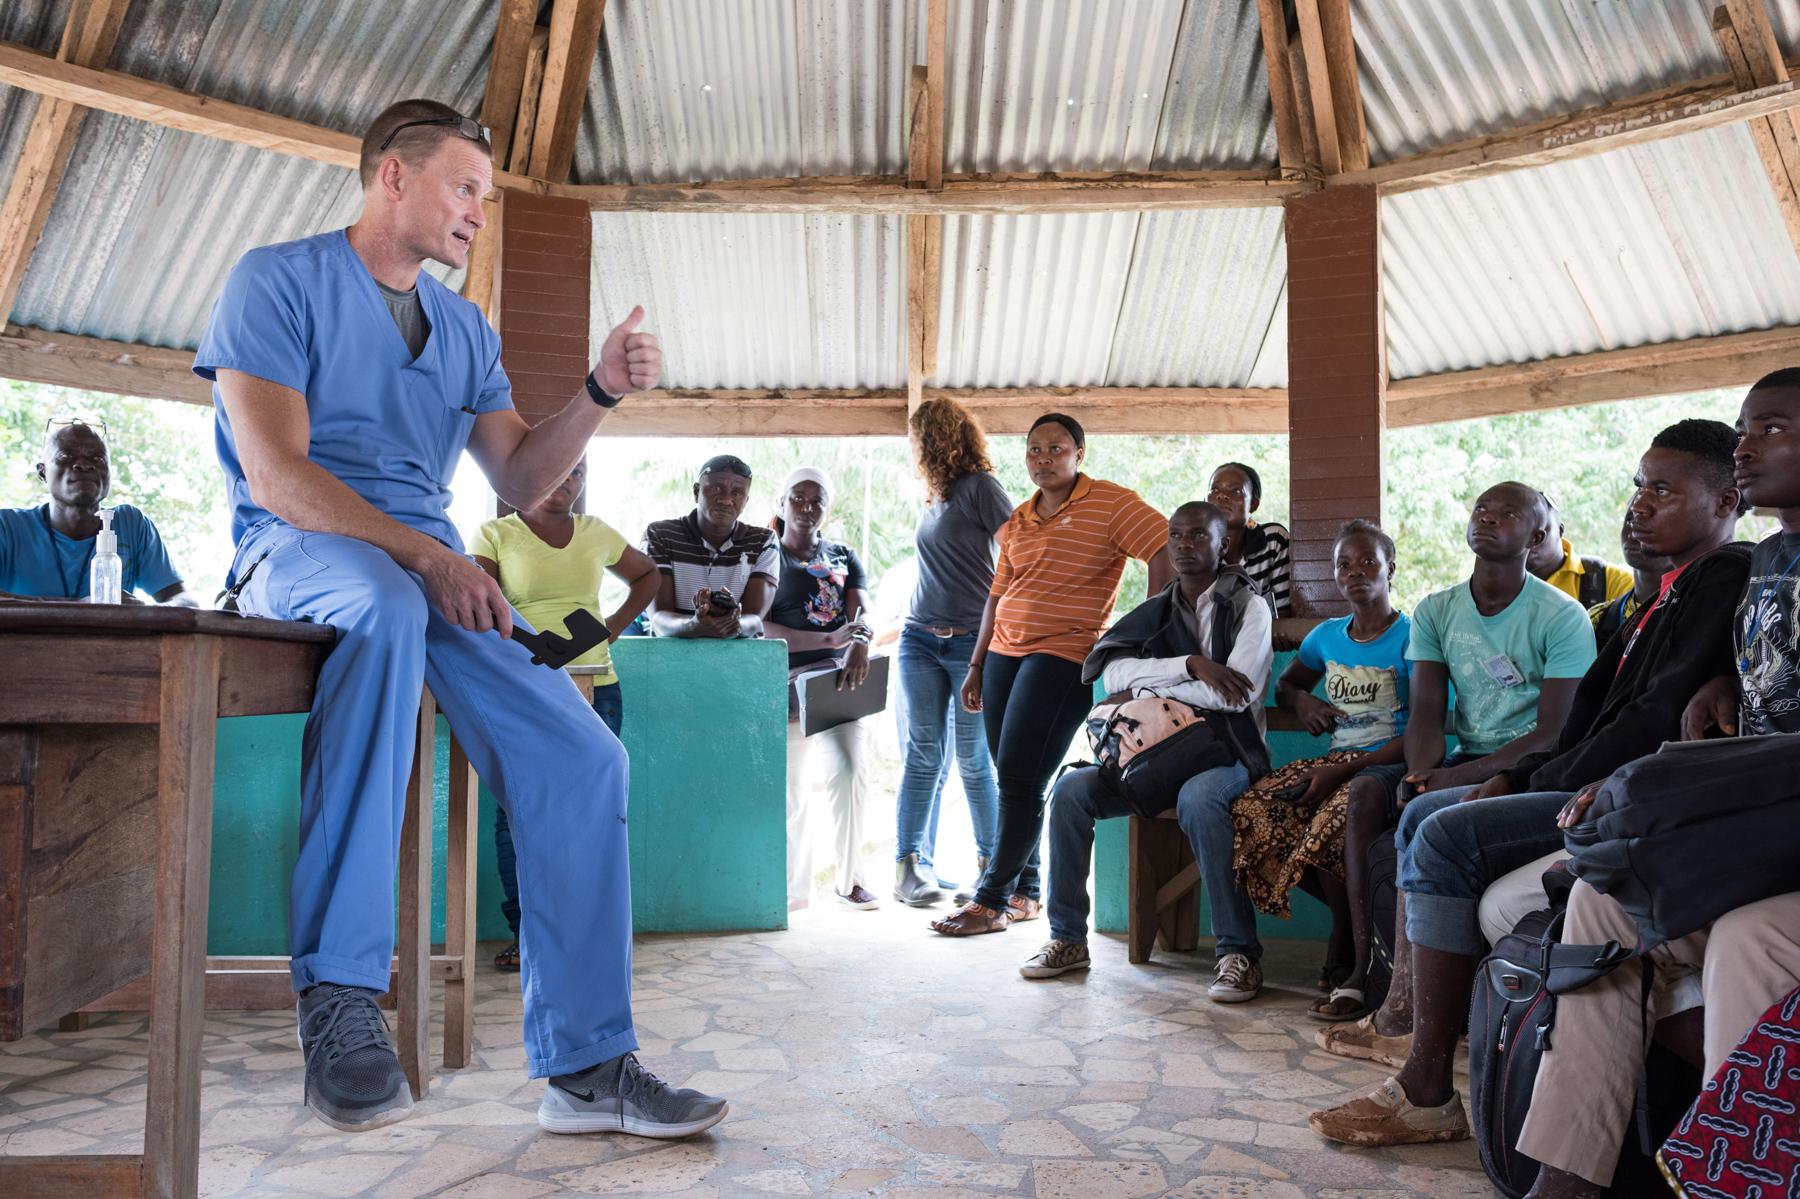 Hombre con ropa de quirófano habla ante un grupo de gente (Joshua Yospyn/JSL)